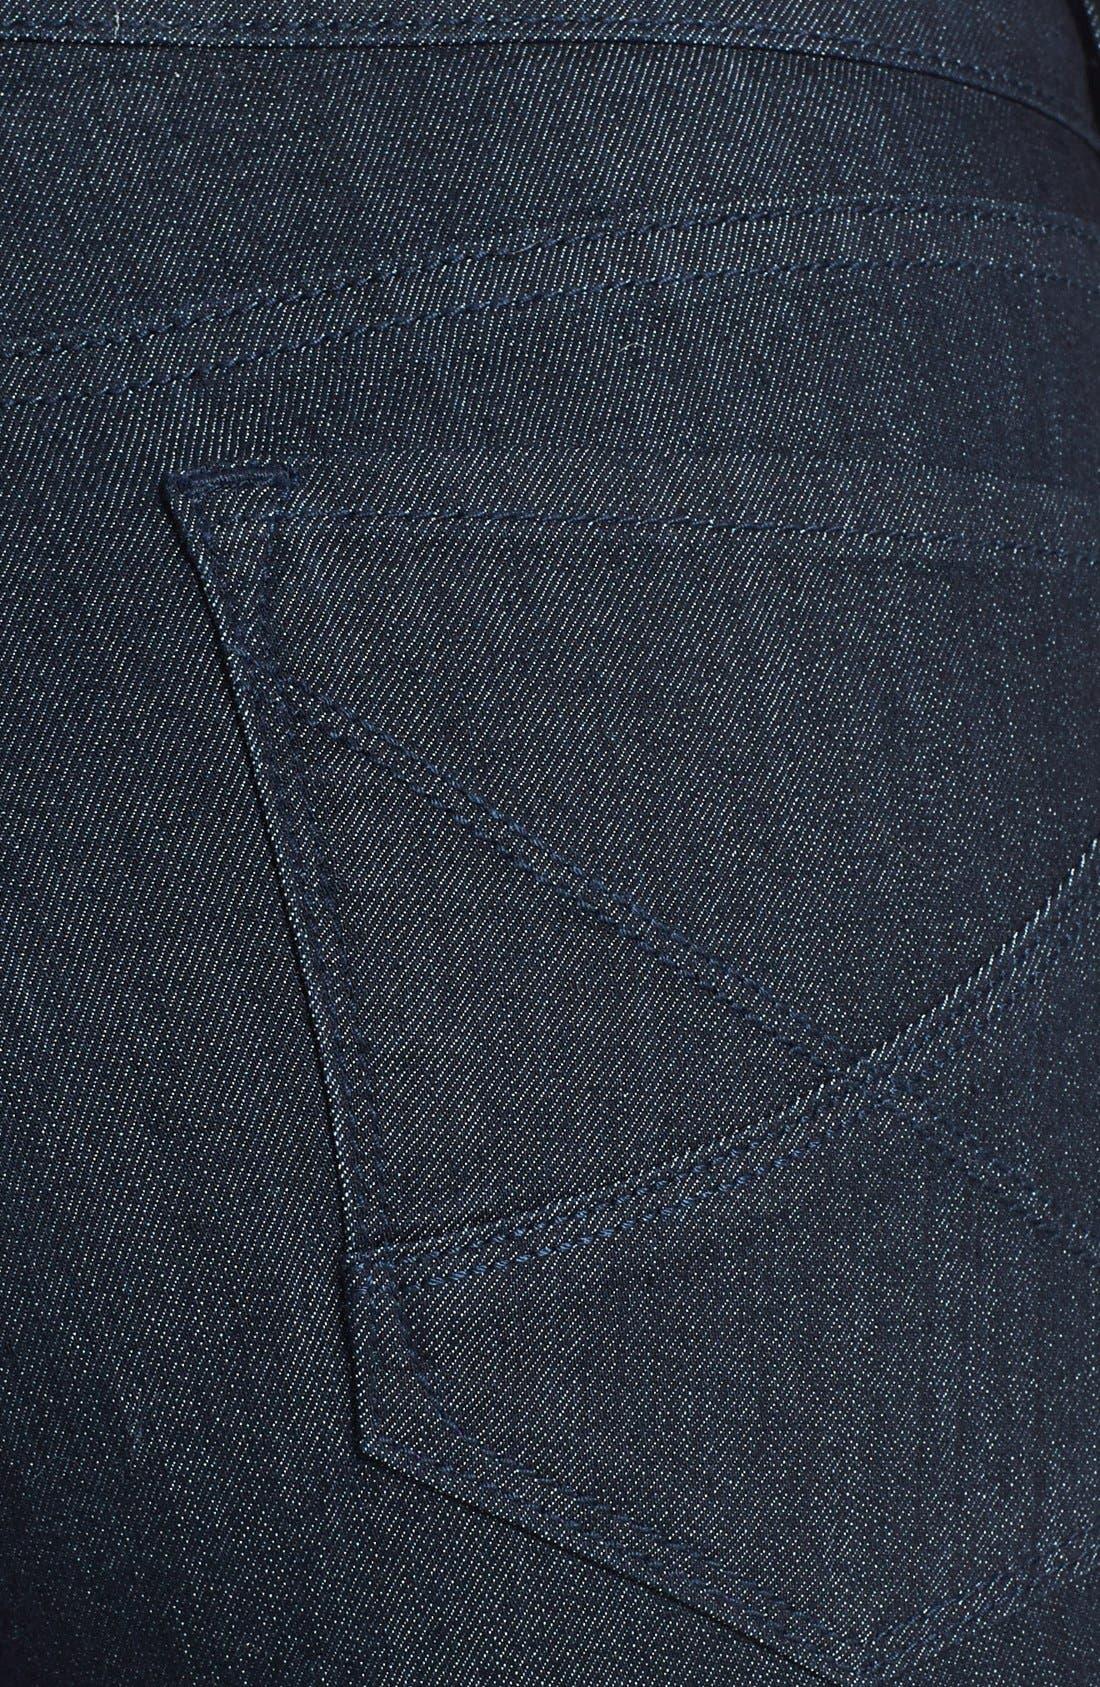 Alternate Image 3  - NYDJ 'Hayden' Stretch Denim Crop Jeans (Dark Enzyme) (Petite)